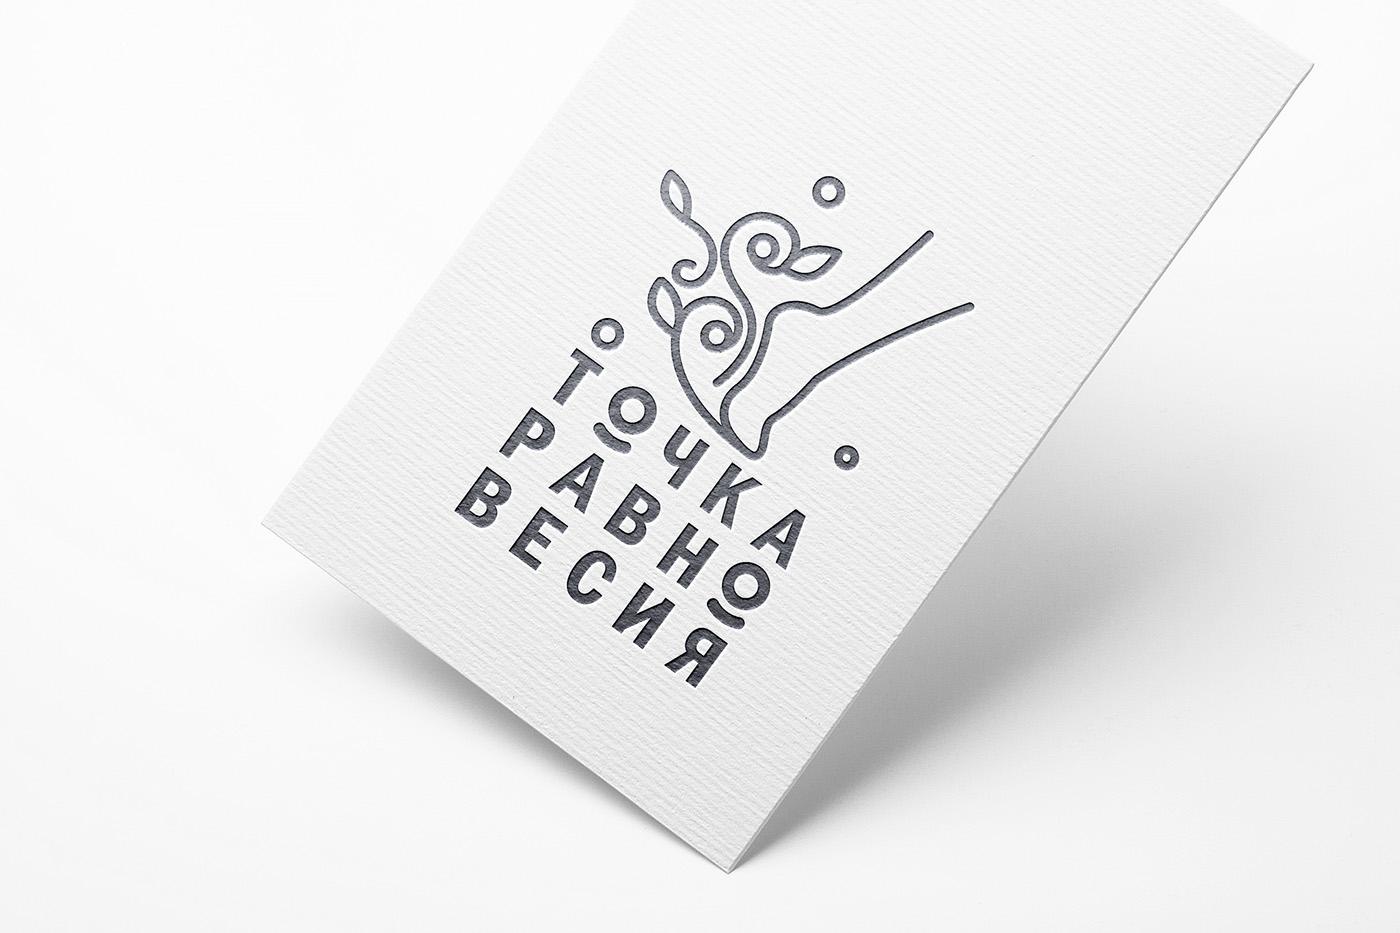 Логотипы на фрилансе работа 74 фриланс